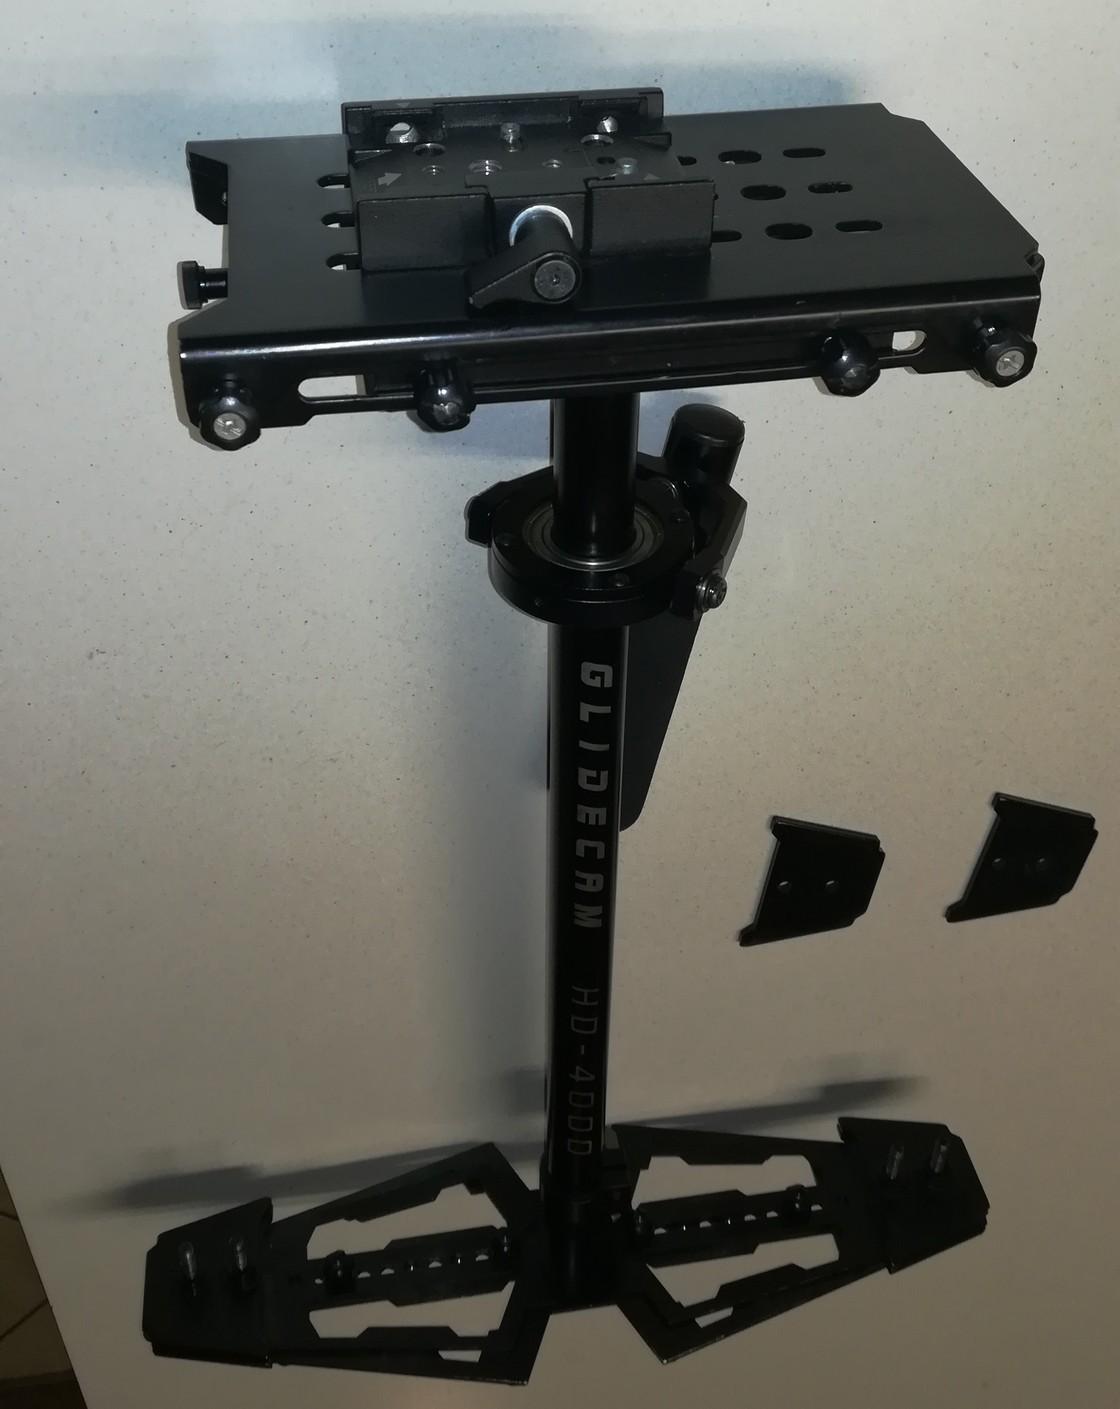 GlideCam HD-4000 video stabilizer